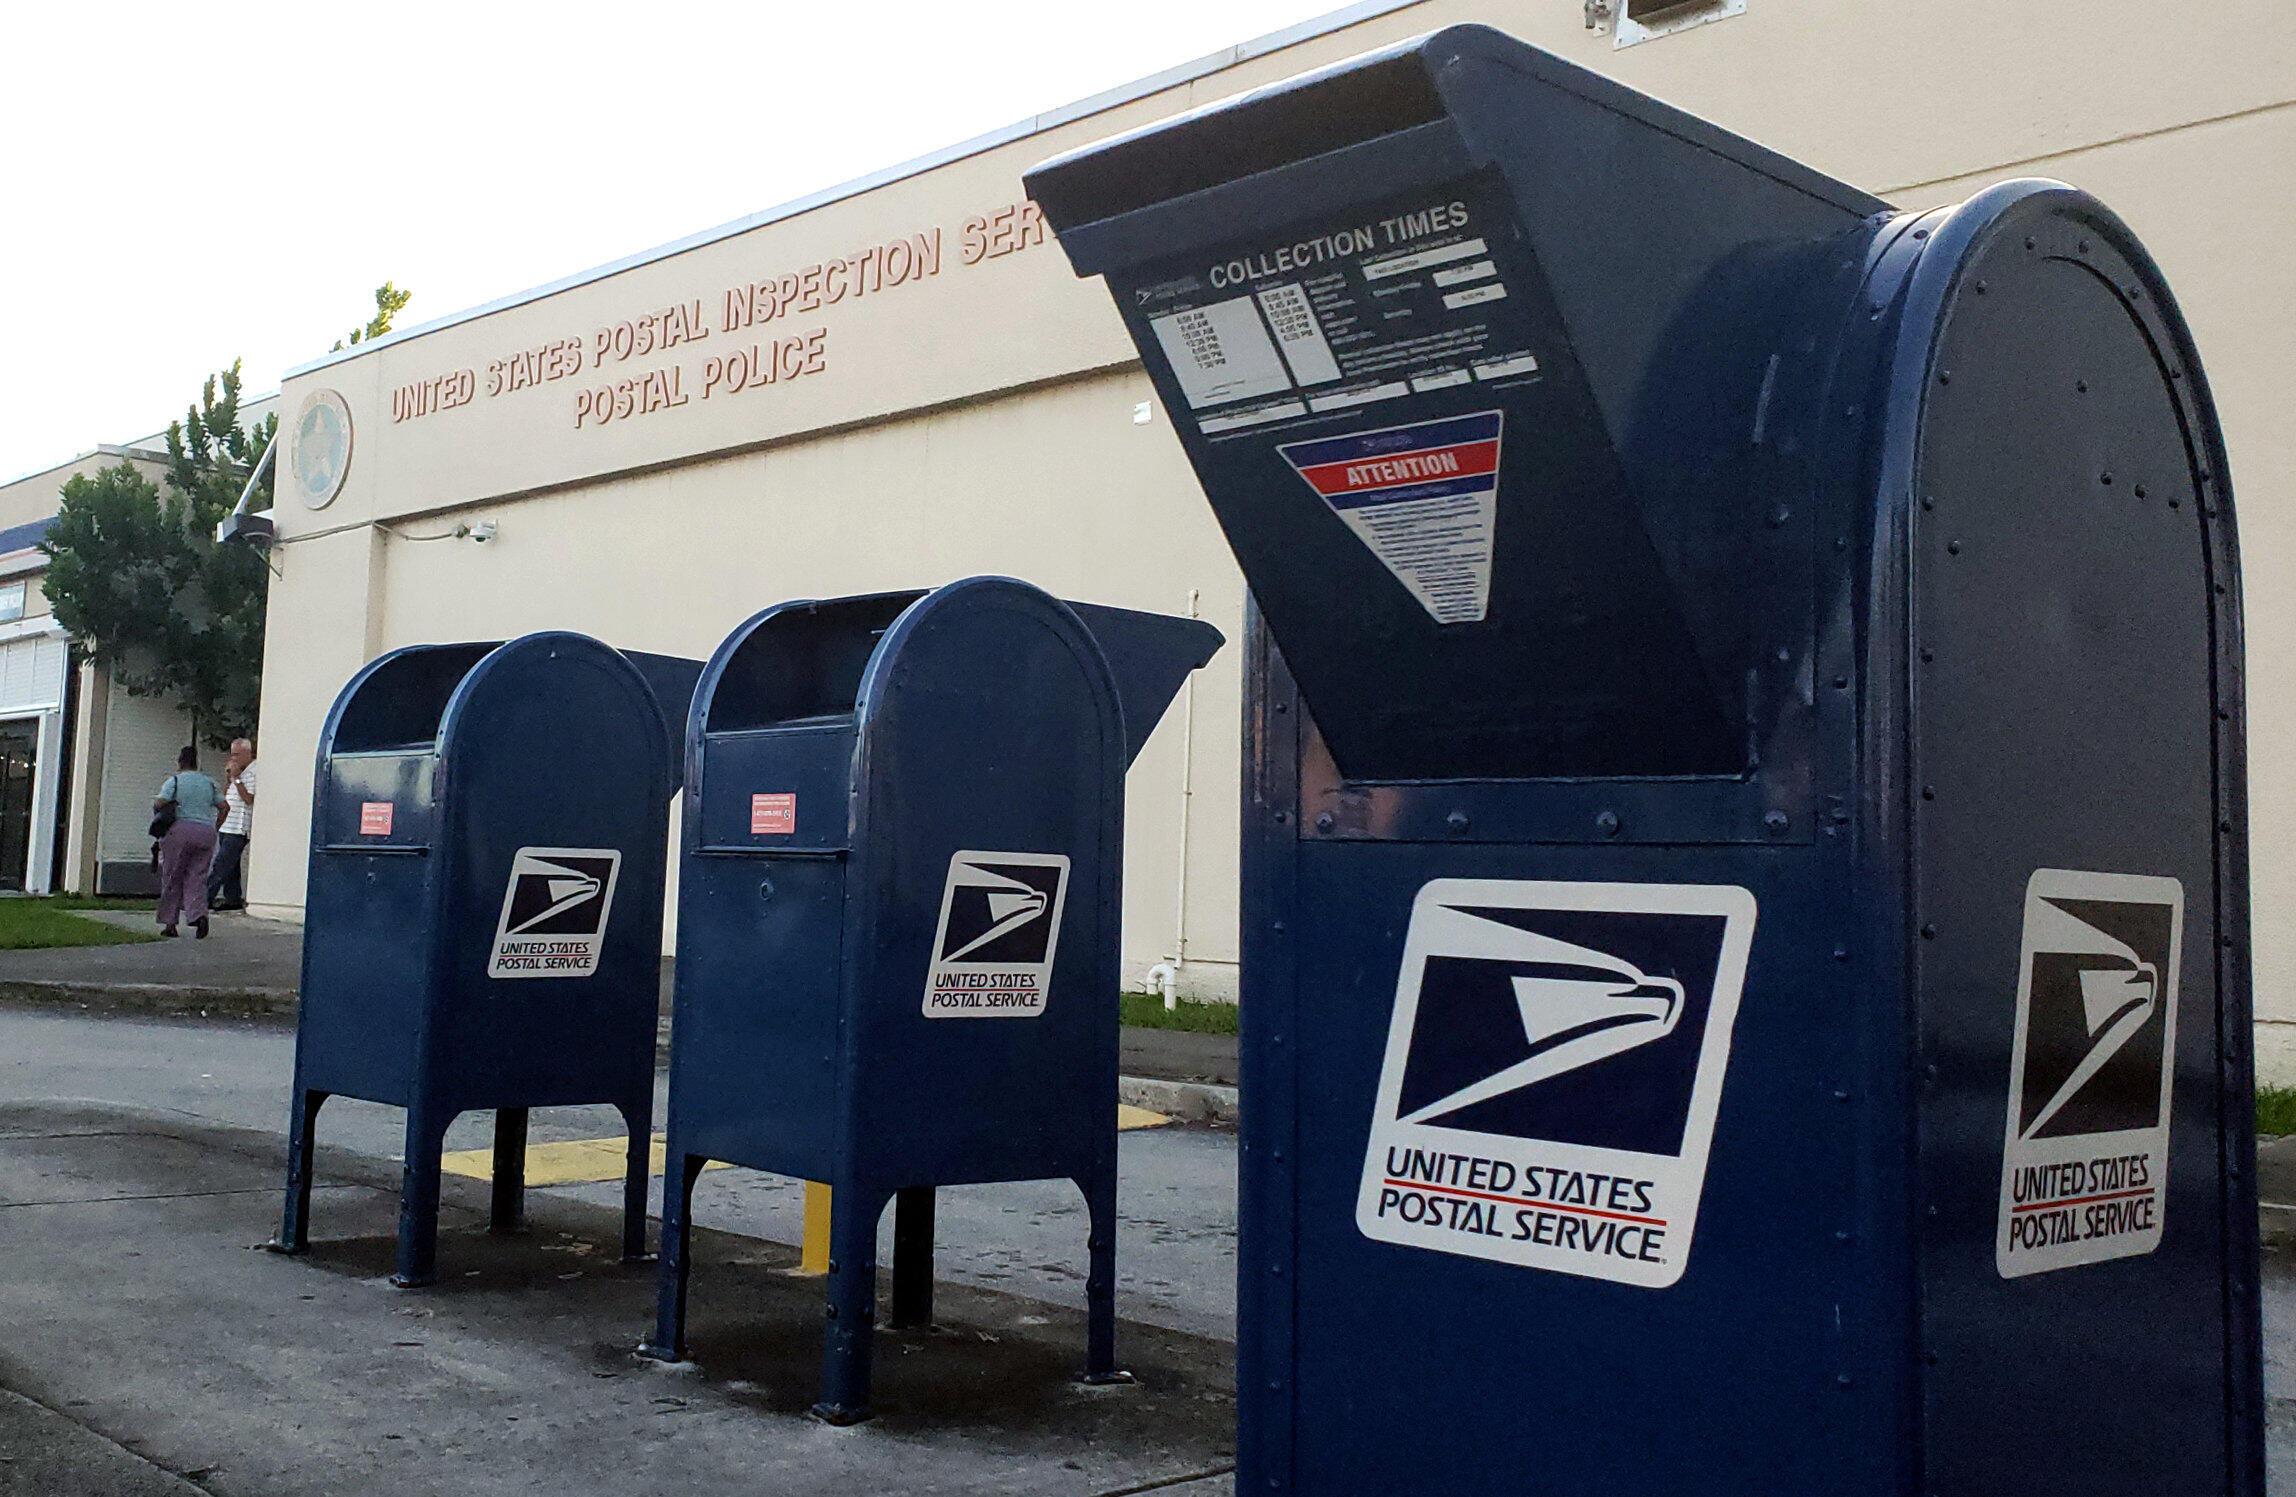 Ảnh minh họa : Một trung tâm kiểm soát bưu phẩm gần phi trường quốc tế Miami, Florida. Ảnh ngày 25/10/ 2018.